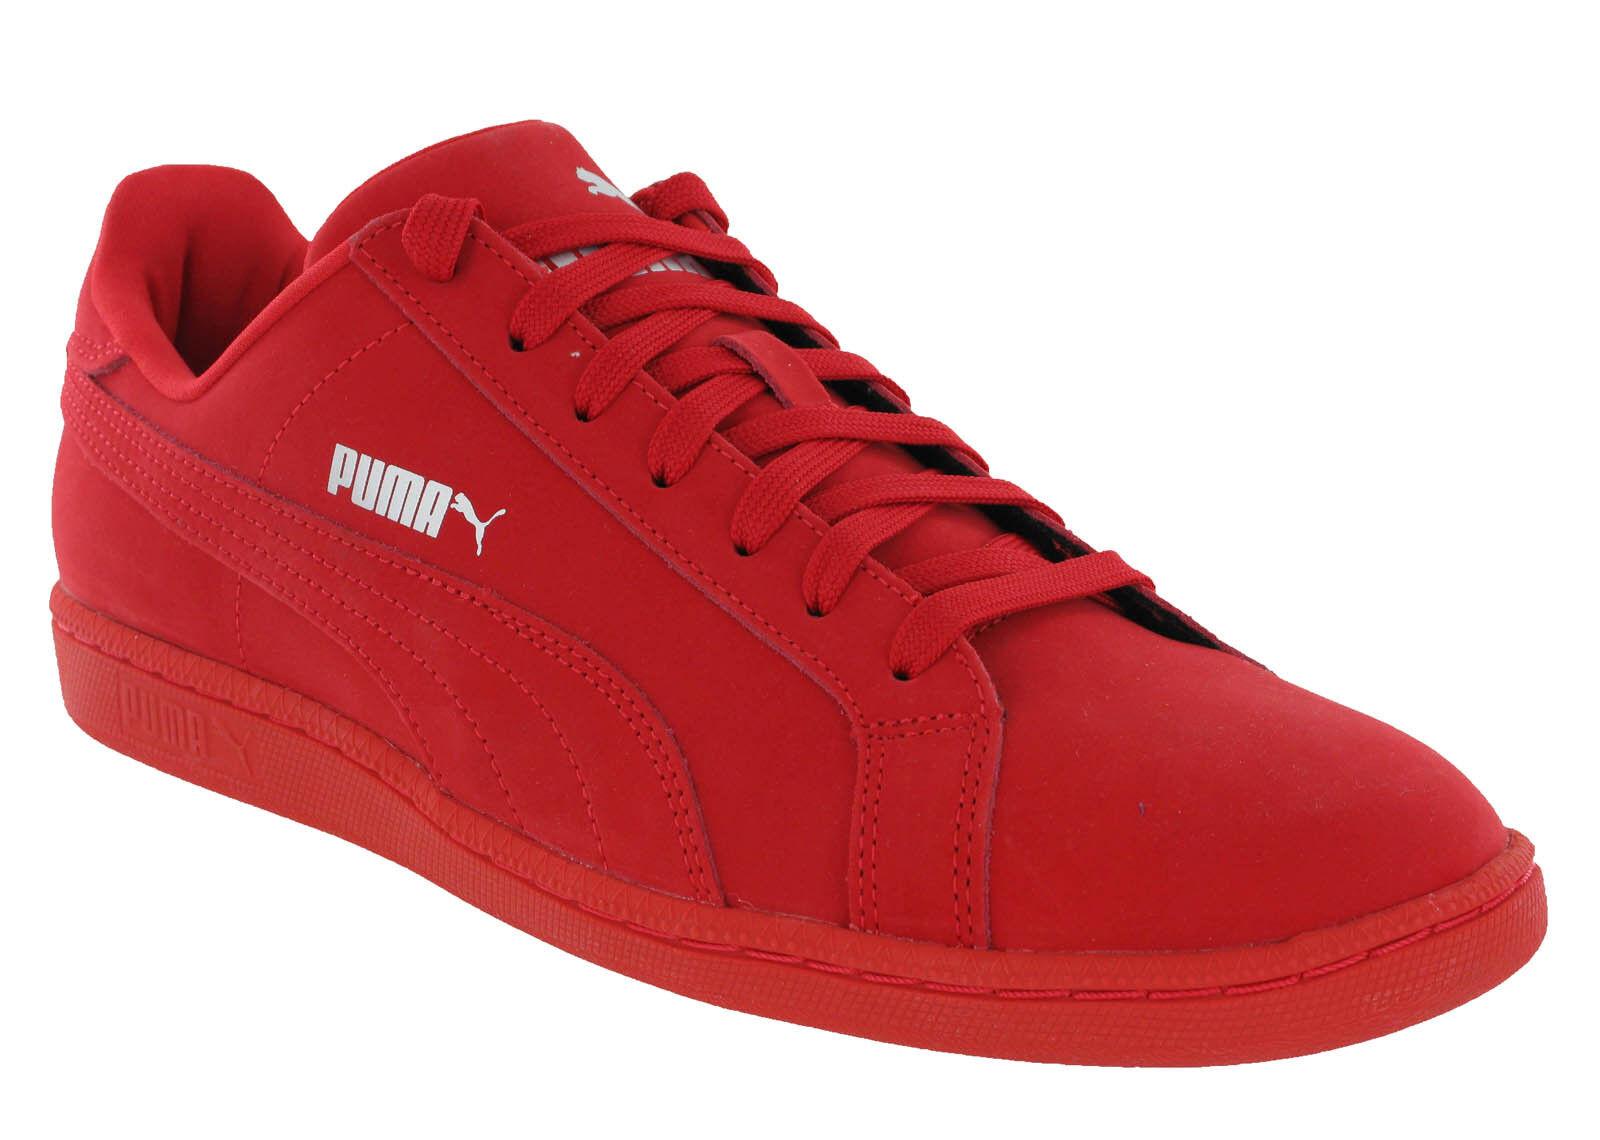 Detalles de Puma Clásico Zapatillas Smash Buck Mono Cordón de Cuero Negro, Rojo, Marina Para Hombre ver título original